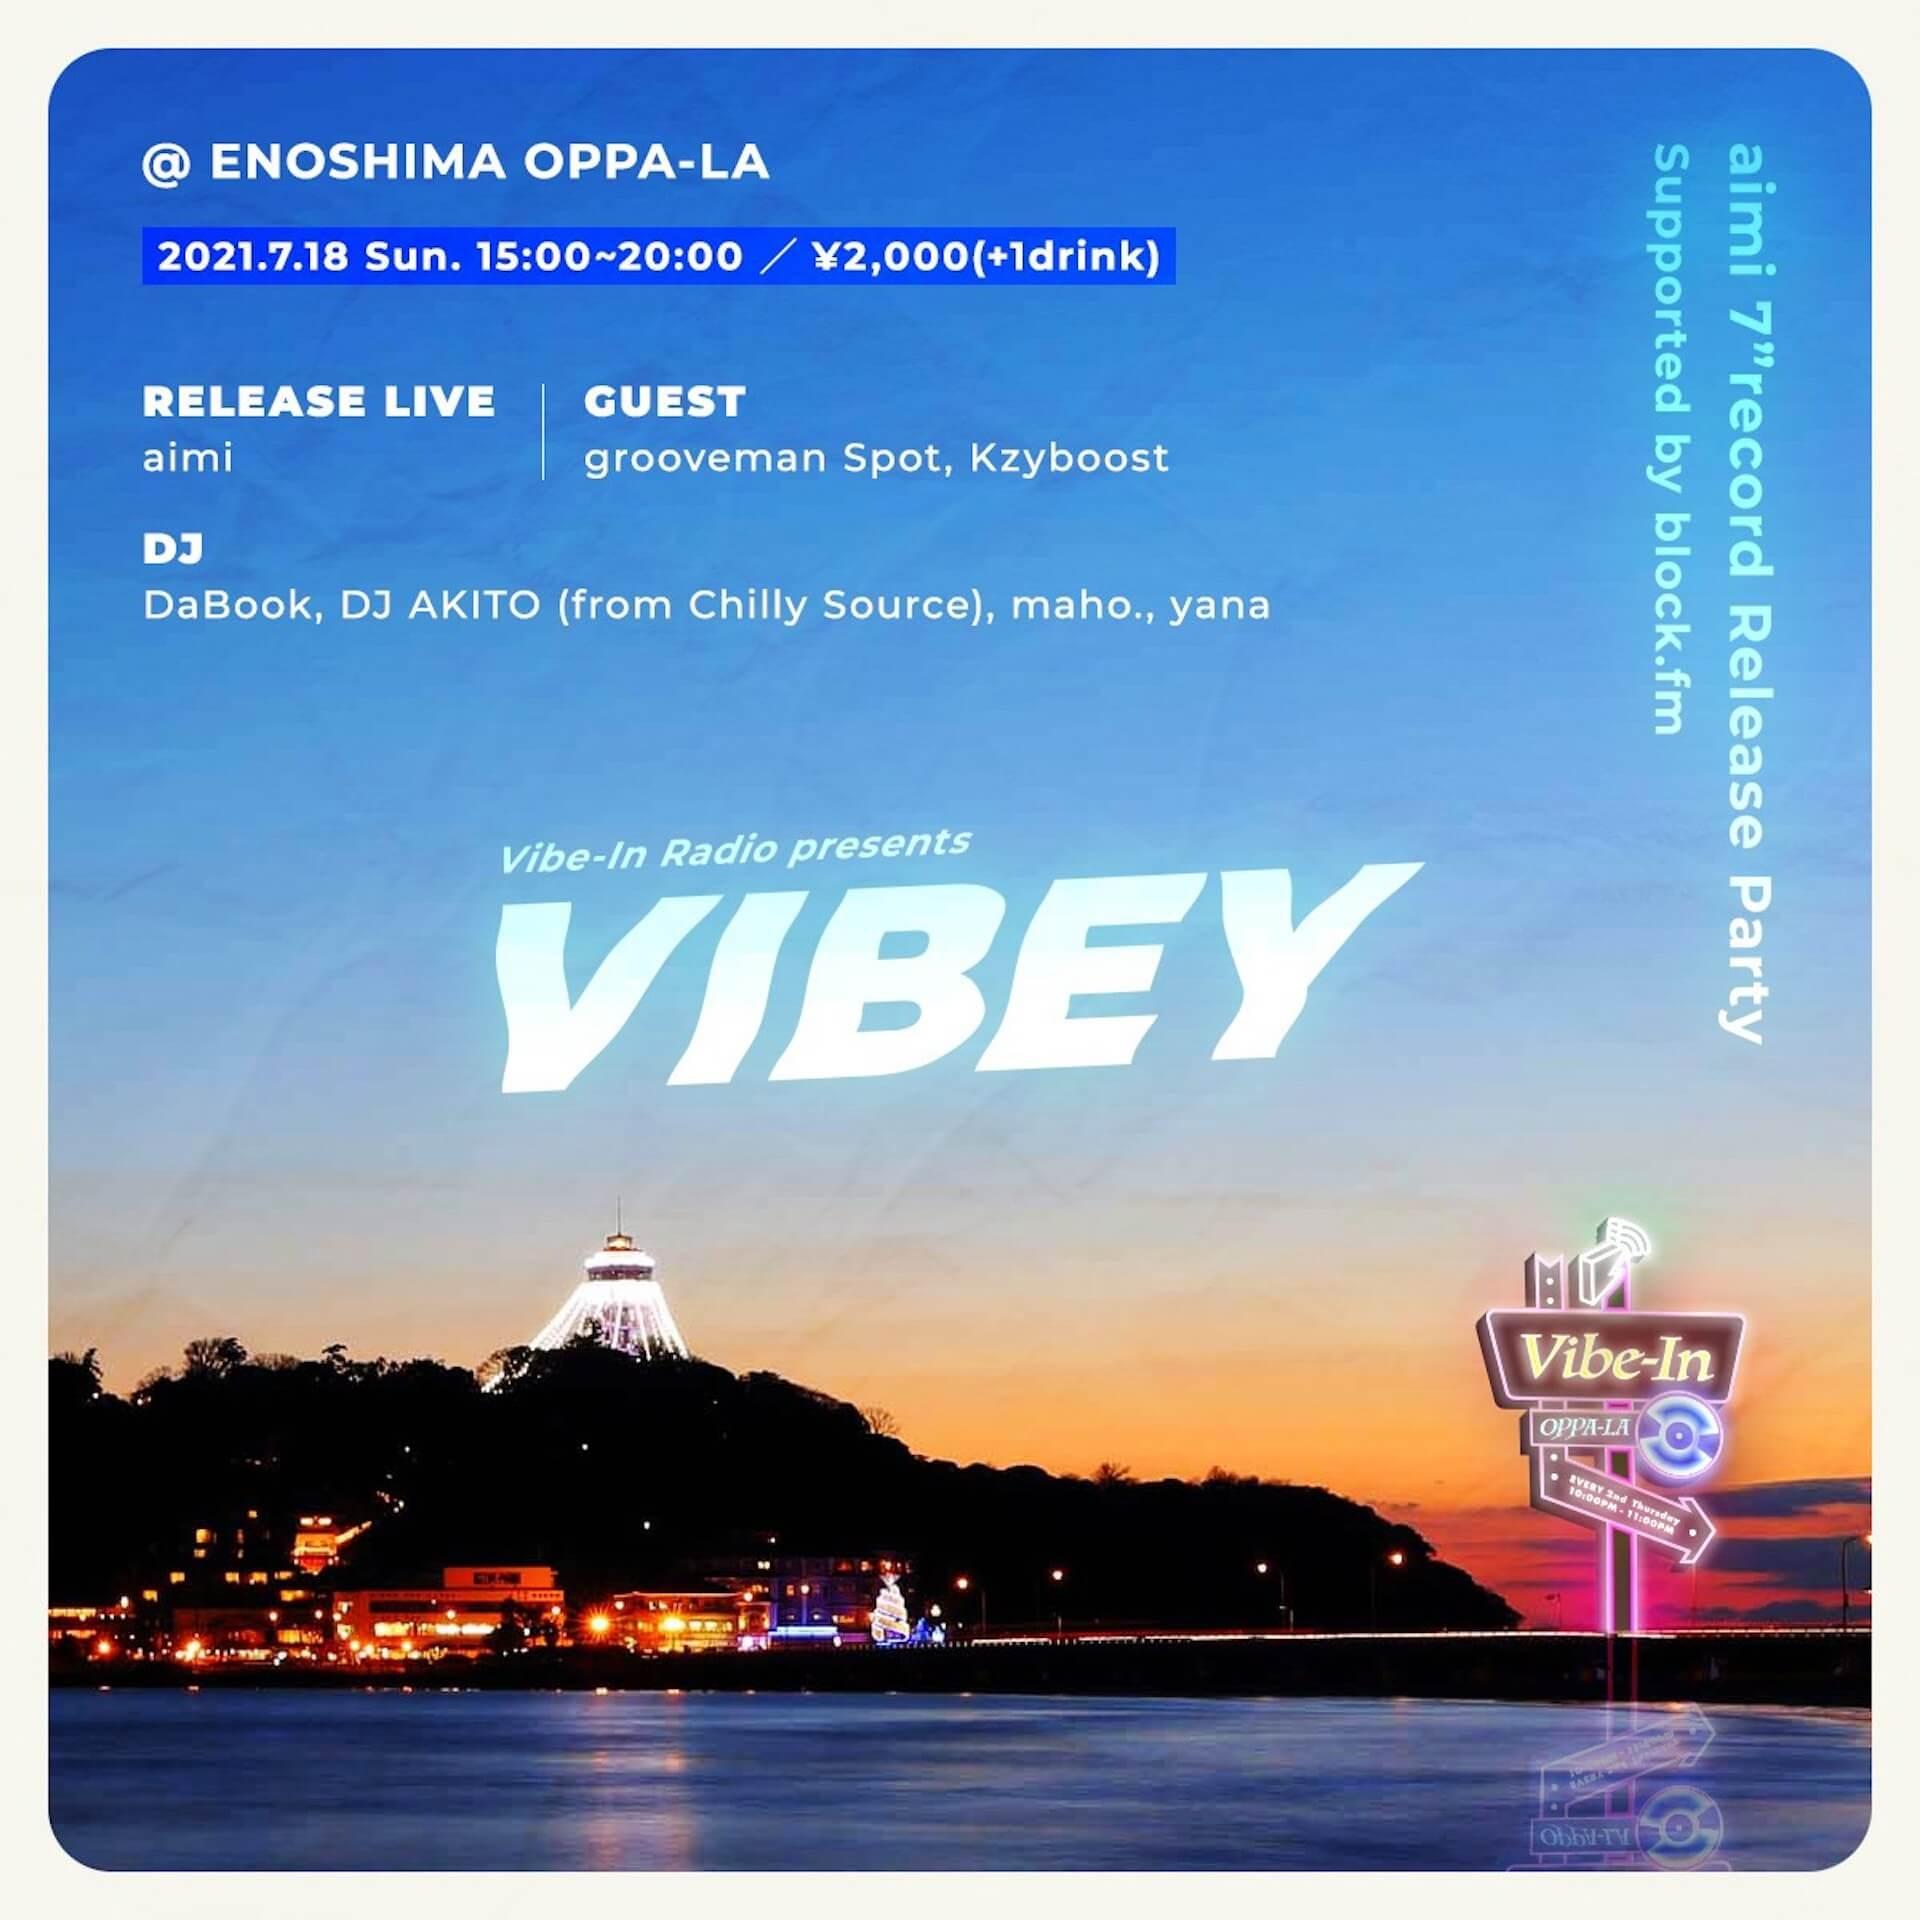 block.fmのVibe-In RadioによるR&Bパーティー<VIBEY>が江ノ島OPPA-LAにて初開催!grooveman Spot、aimi、DaBookらが参加 music210624_VIBEY2